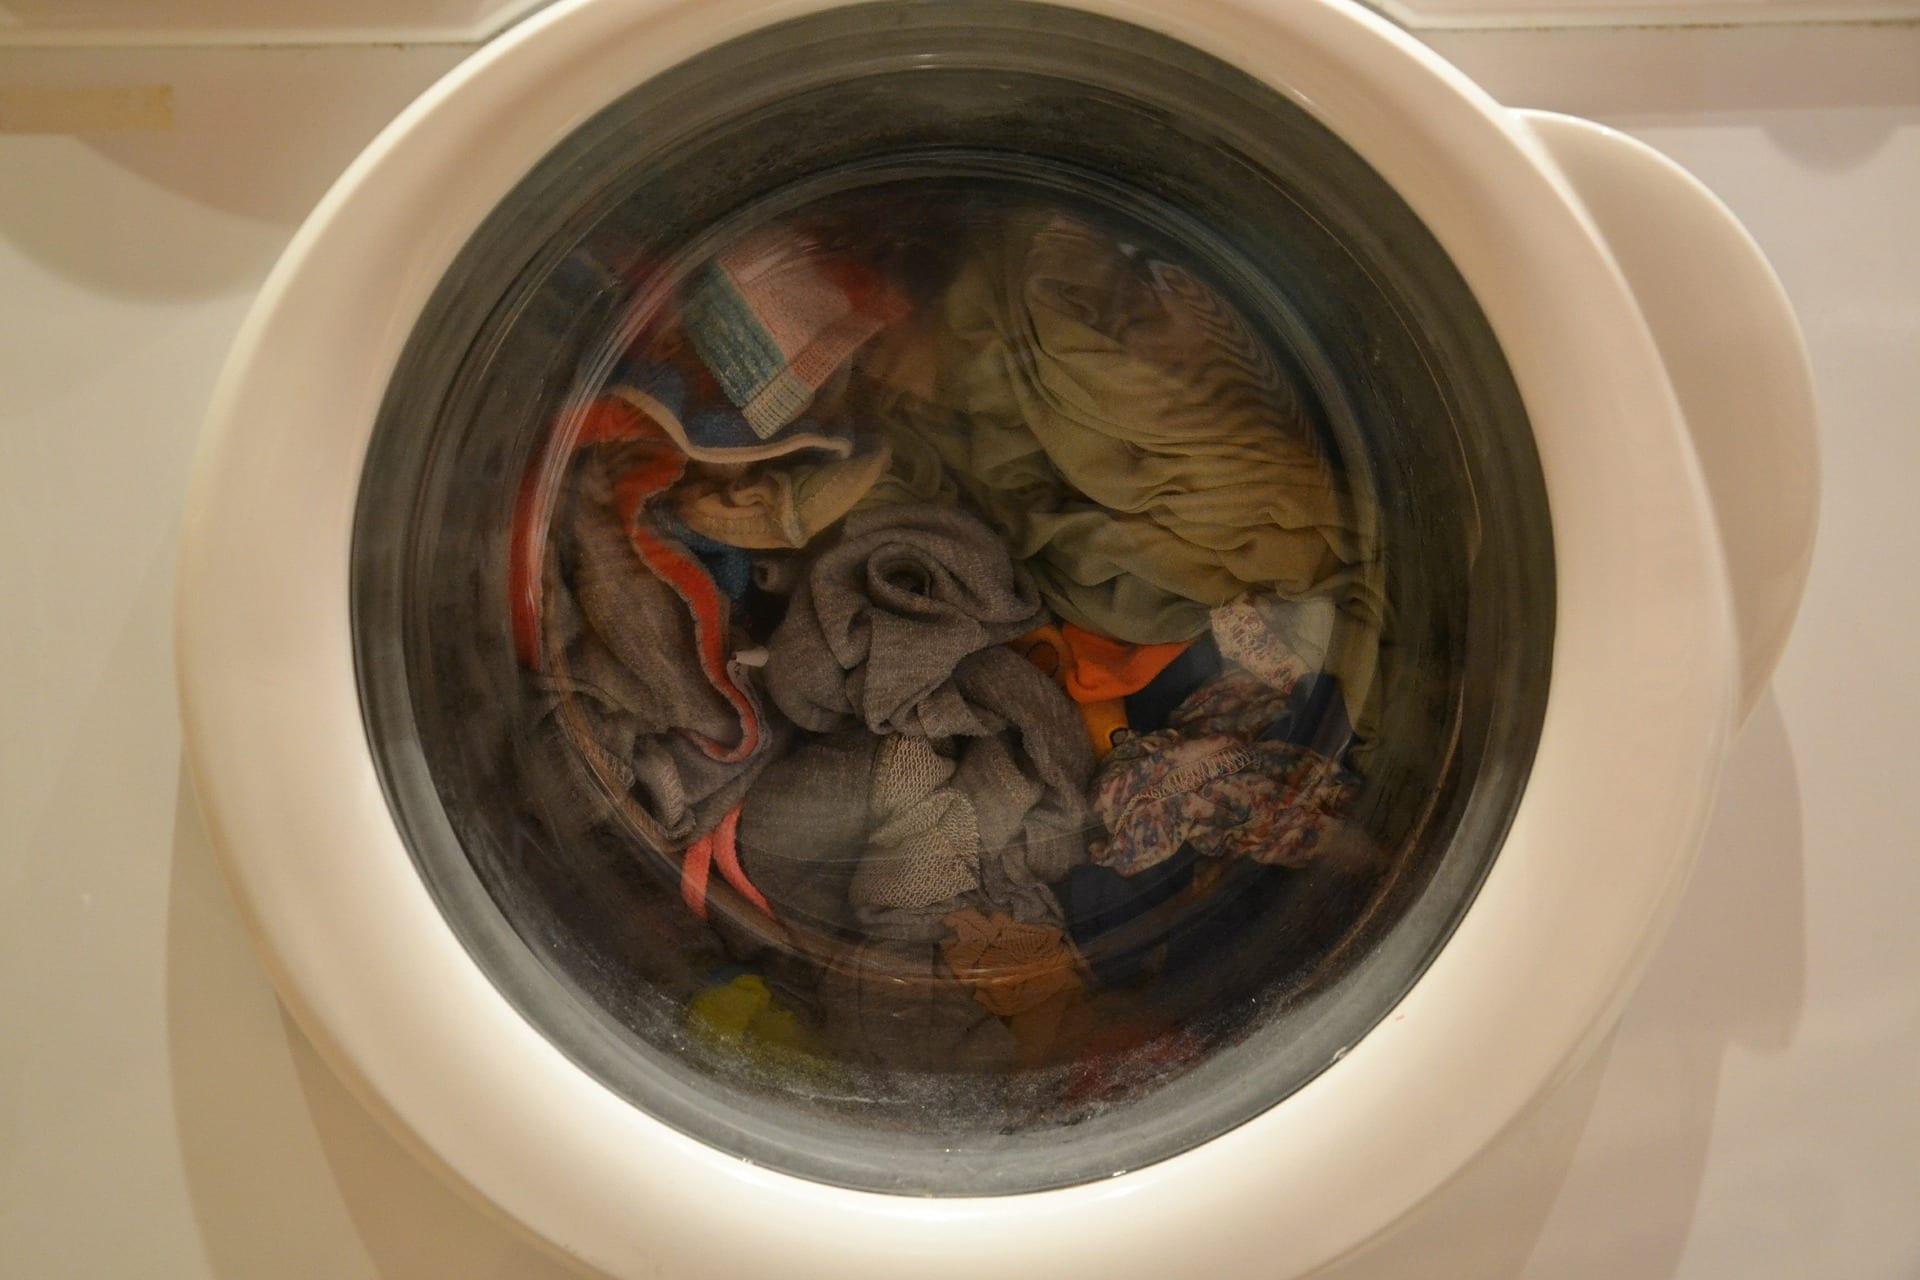 Washing Machine Not Draining What to Do